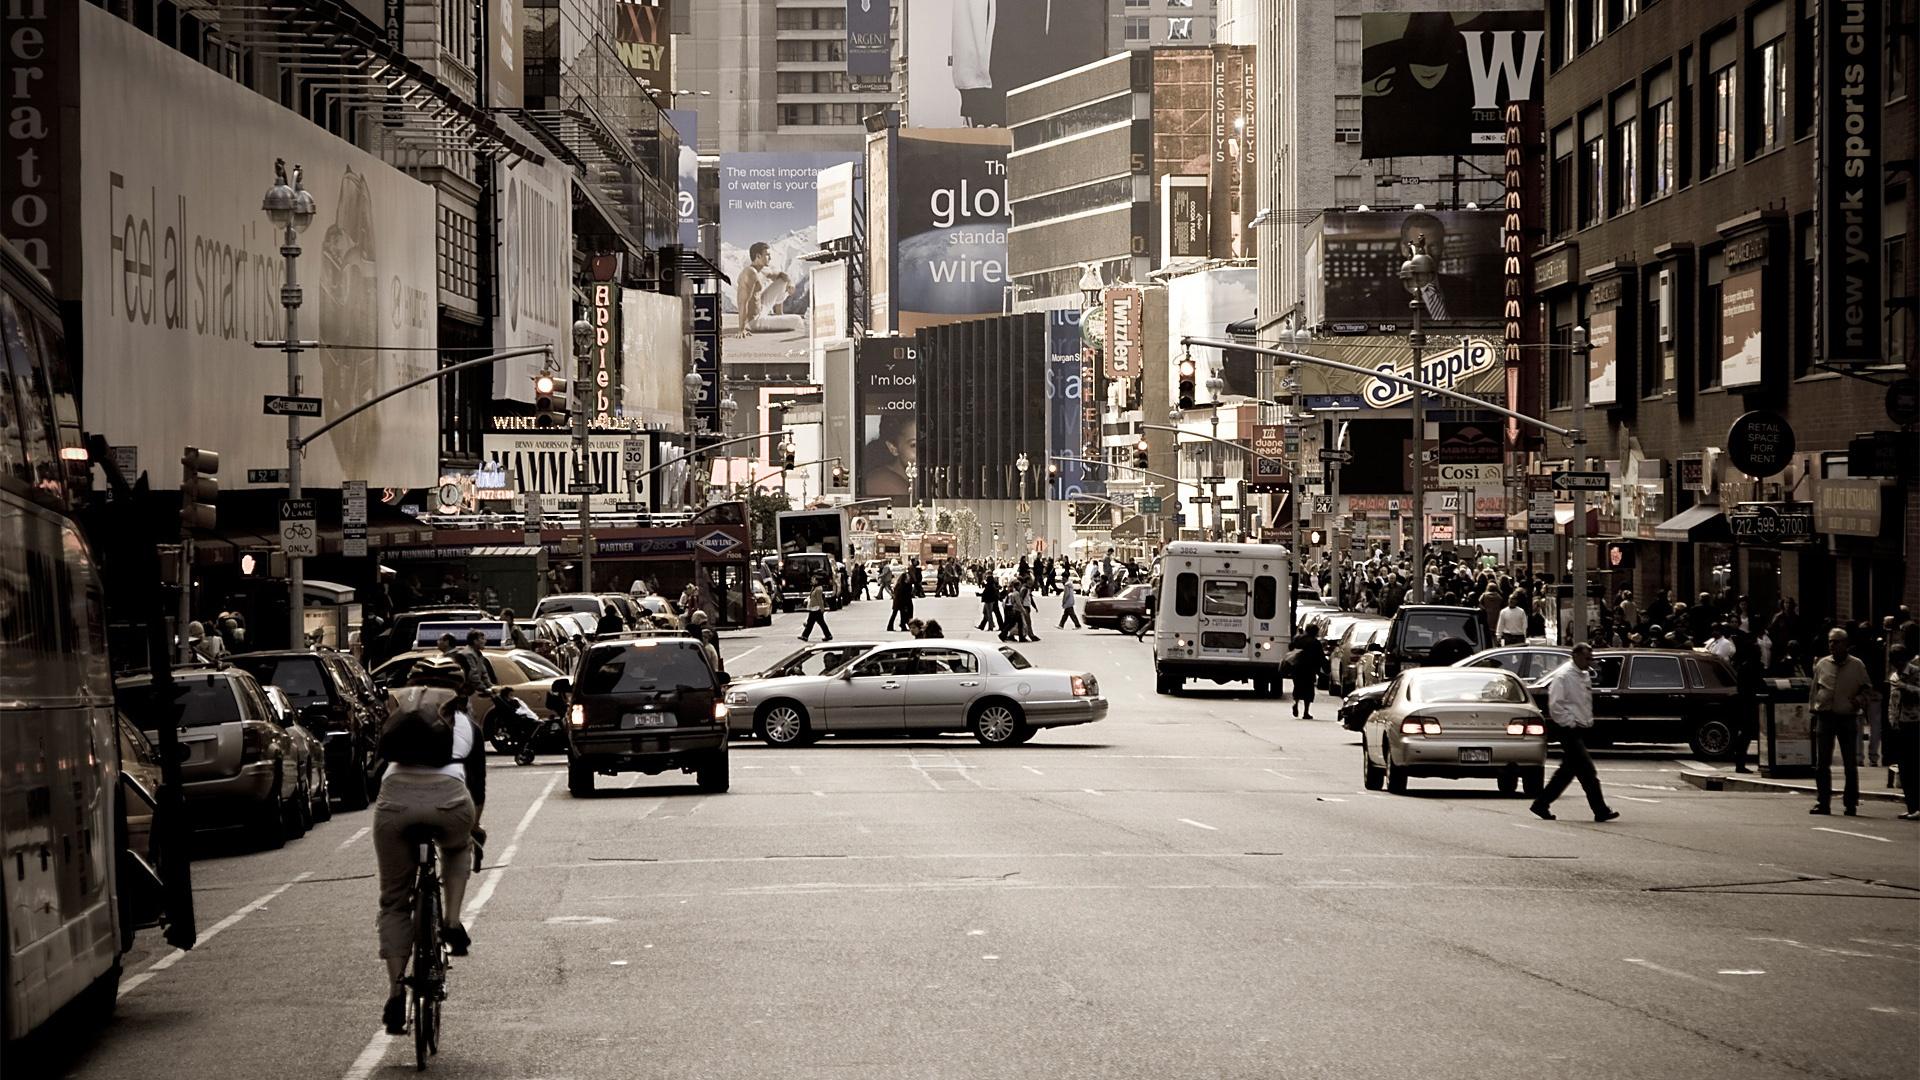 http://1.bp.blogspot.com/-2oH6Hu6paB0/UOrr1WQwsfI/AAAAAAAAM6c/DODGKBEcHBA/s1920/broadway_new_york-1080.jpg